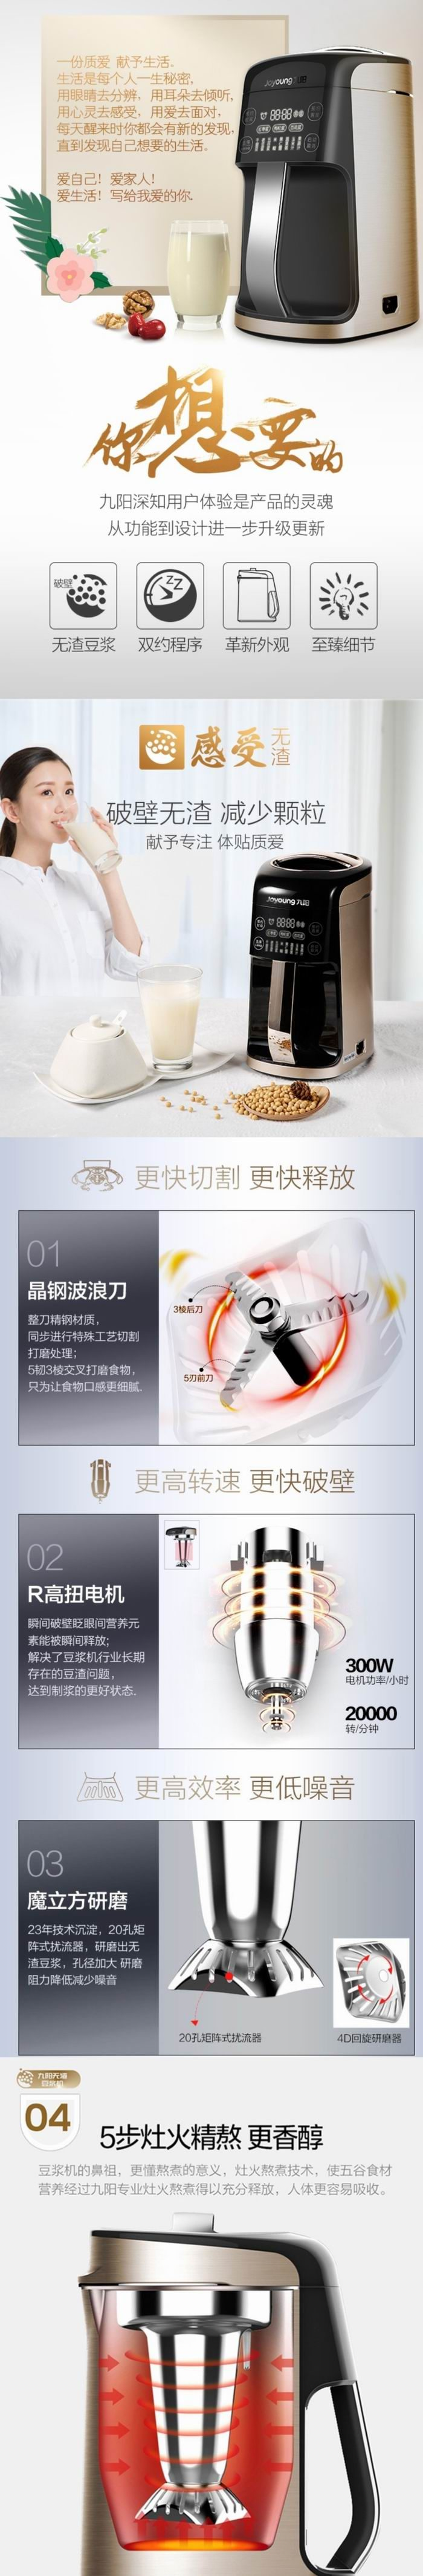 最新升级款 Joyoung 九阳 DJ13U-P10 约时约温 破壁无渣免滤豆浆机 266.55加元!